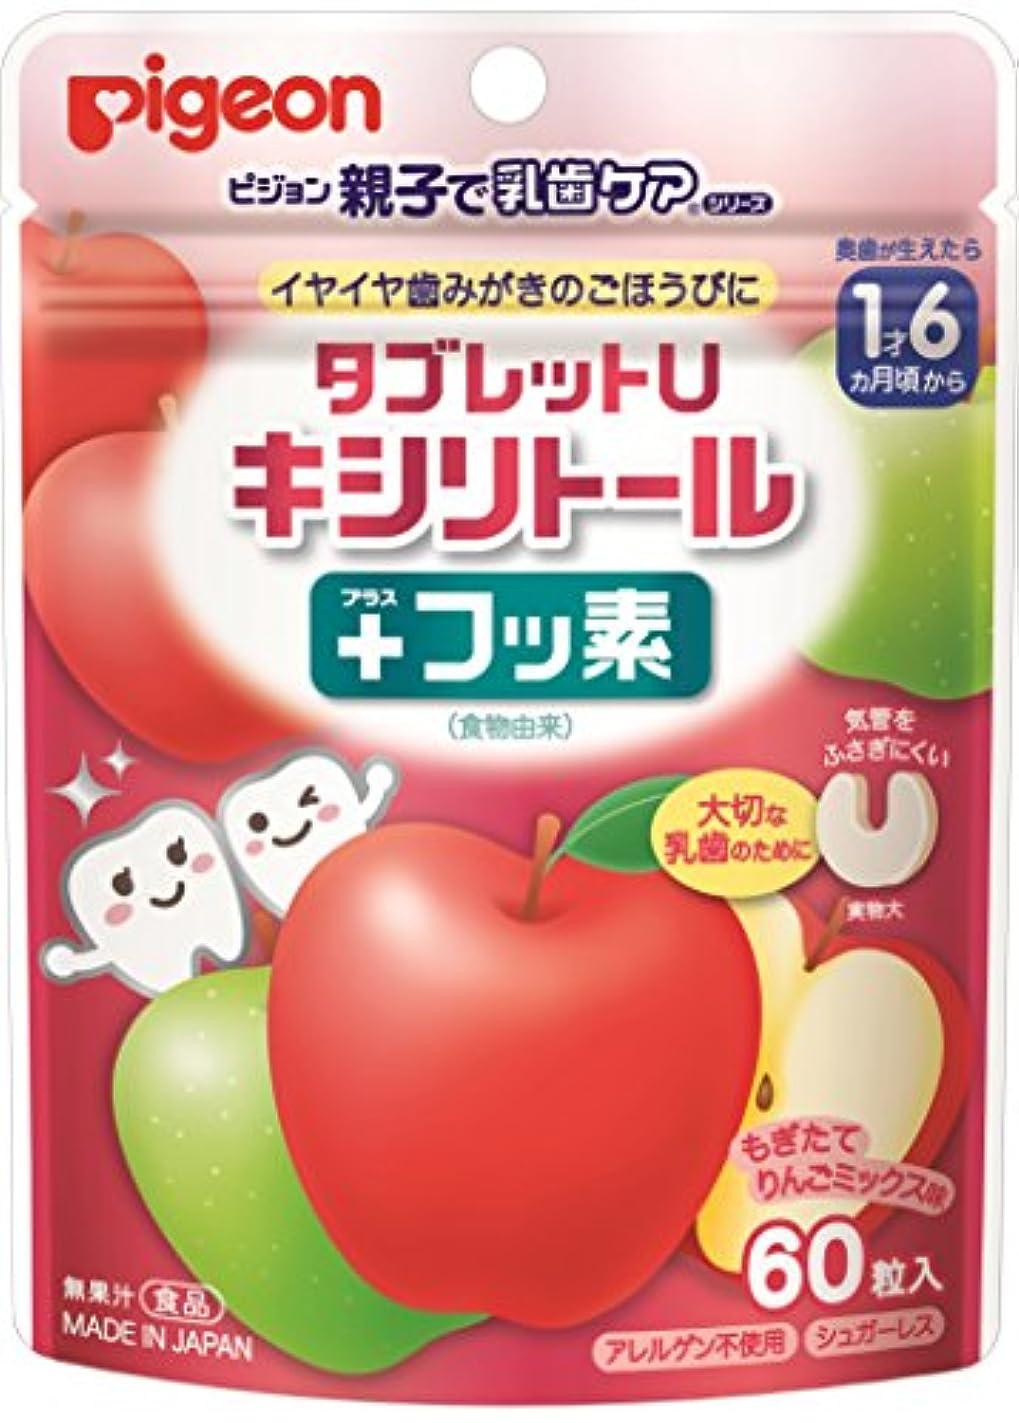 ピジョン 親子で乳歯ケア タブレットU キシリトール+フッ素 もぎたてりんごミックス味 60粒入 1歳6ヶ月頃~歯のトラブルが多いマタニティ期にも